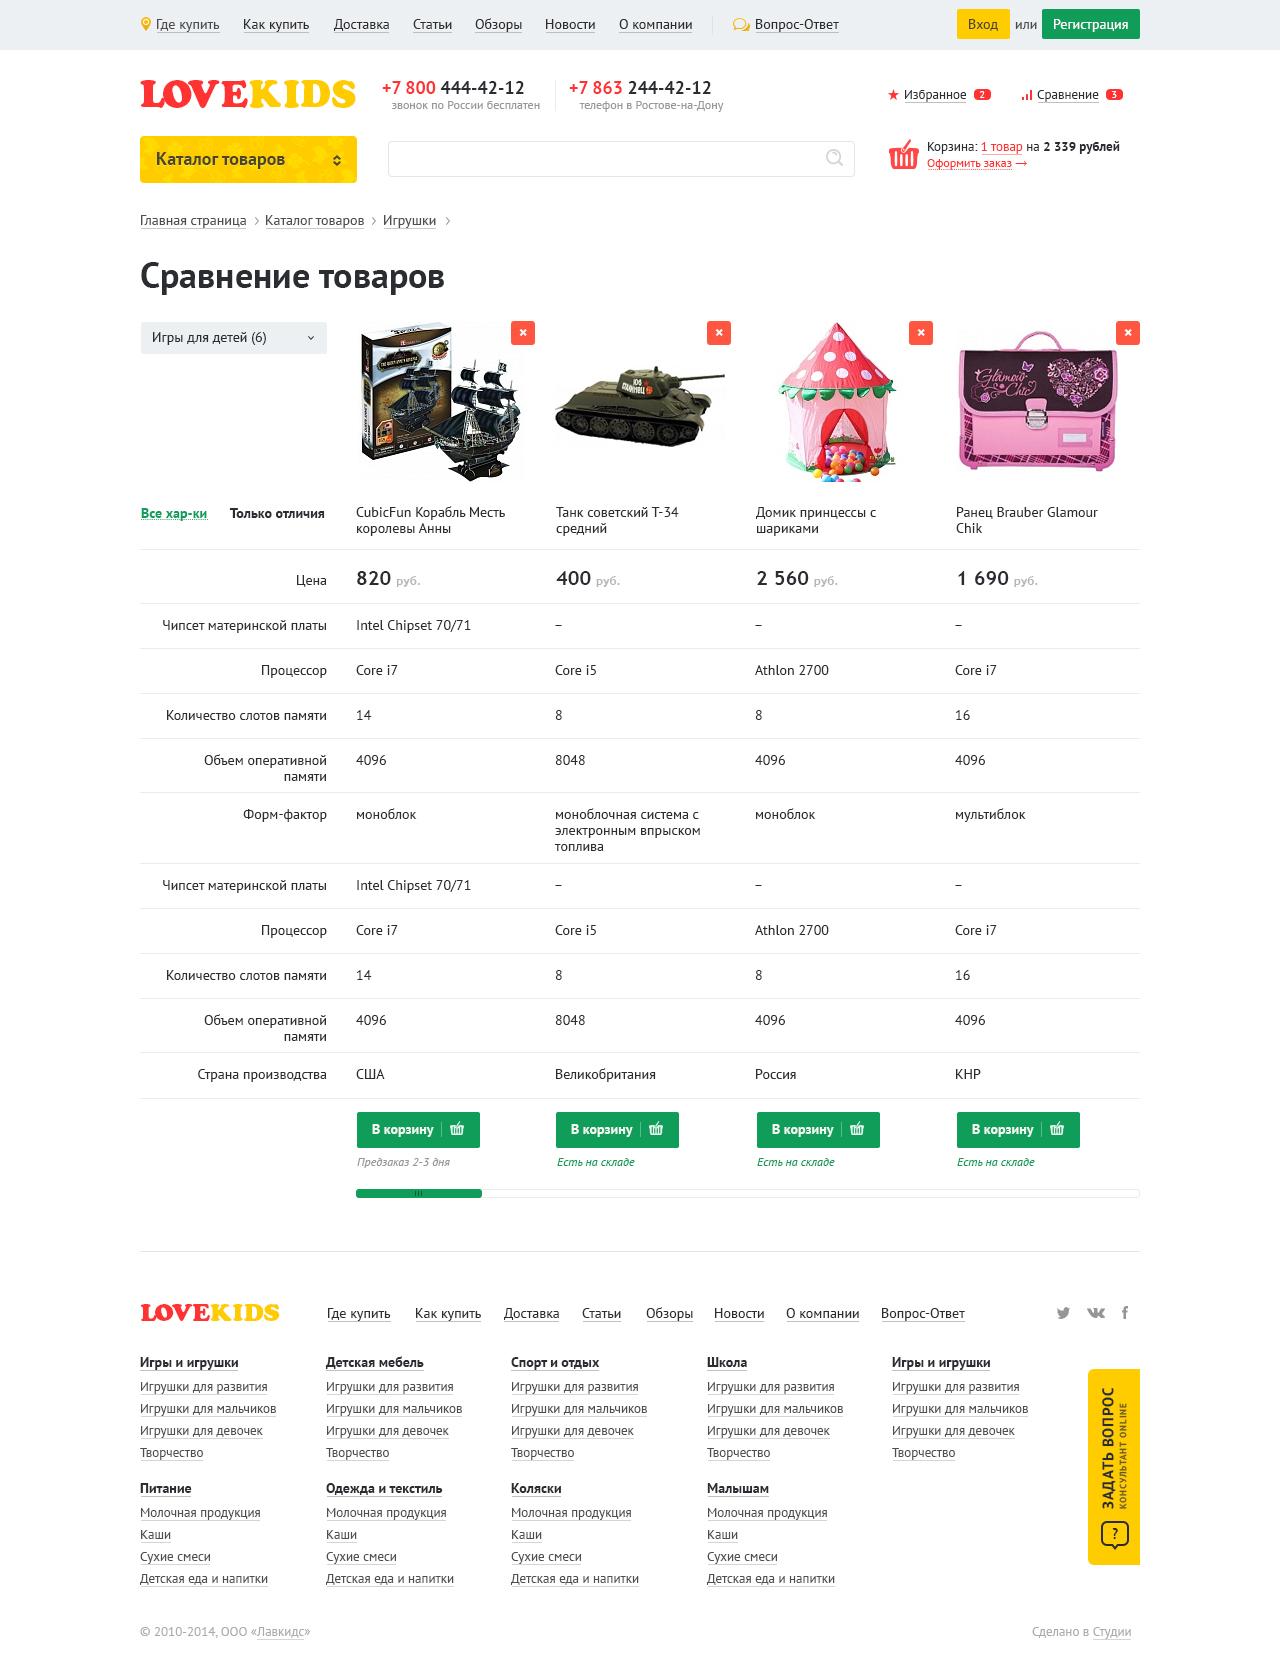 compare_page